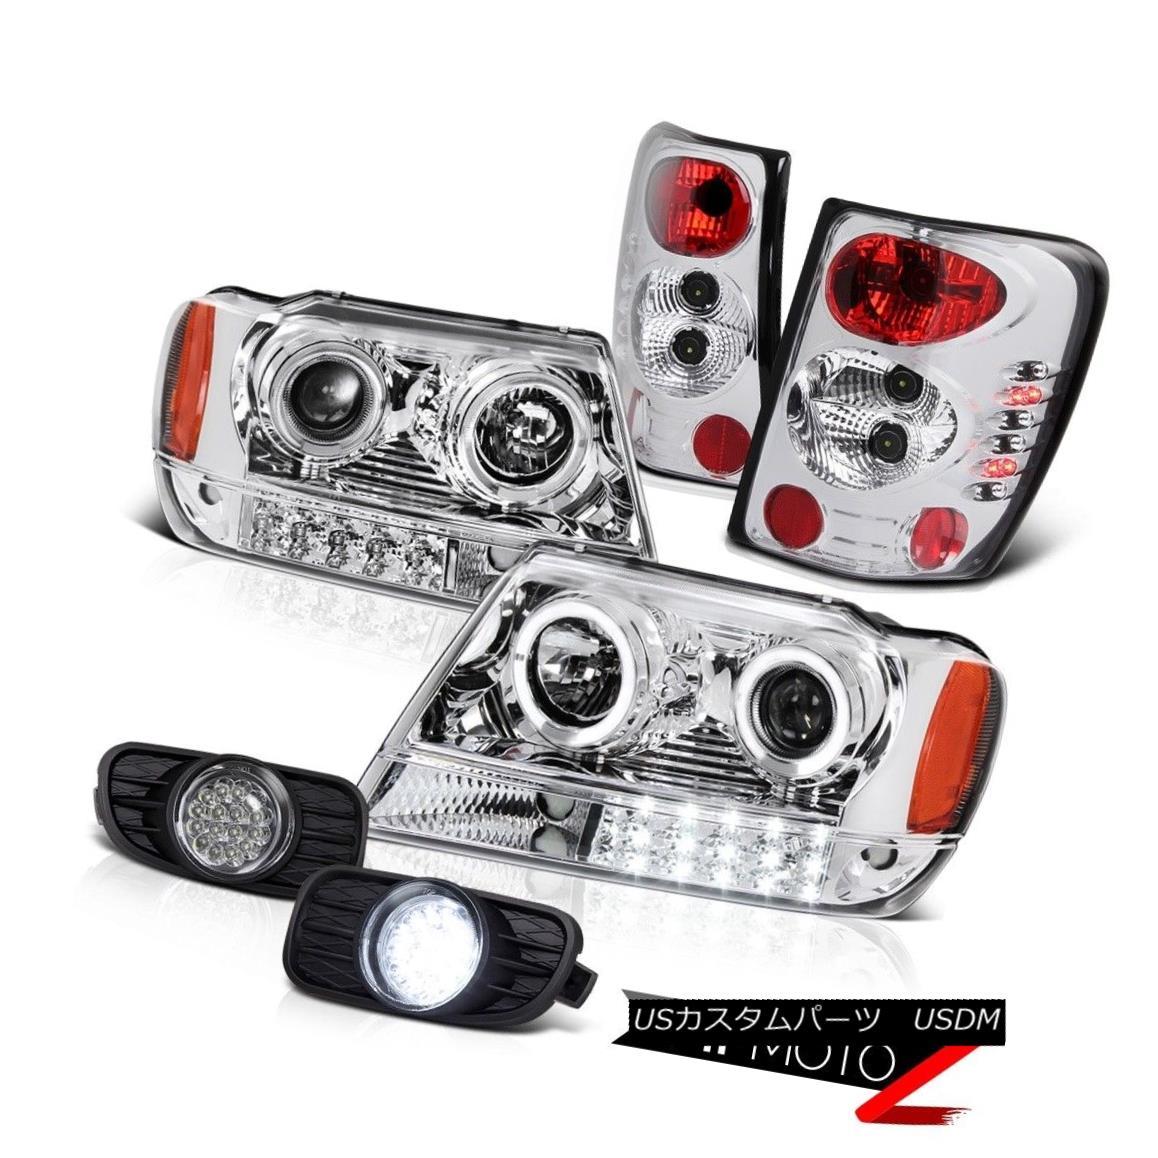 ヘッドライト 99-03 JEEP GRAND CHEROKEE WG WJ CHROME LED PROJECTOR HEADLIGHT+TAILLAMP+FOG LAMP 99-03 JEEP GRAND CHEROKEE WG WJ CHROME LEDプロジェクターヘッドライト+テール LAMP + FOG LAMP